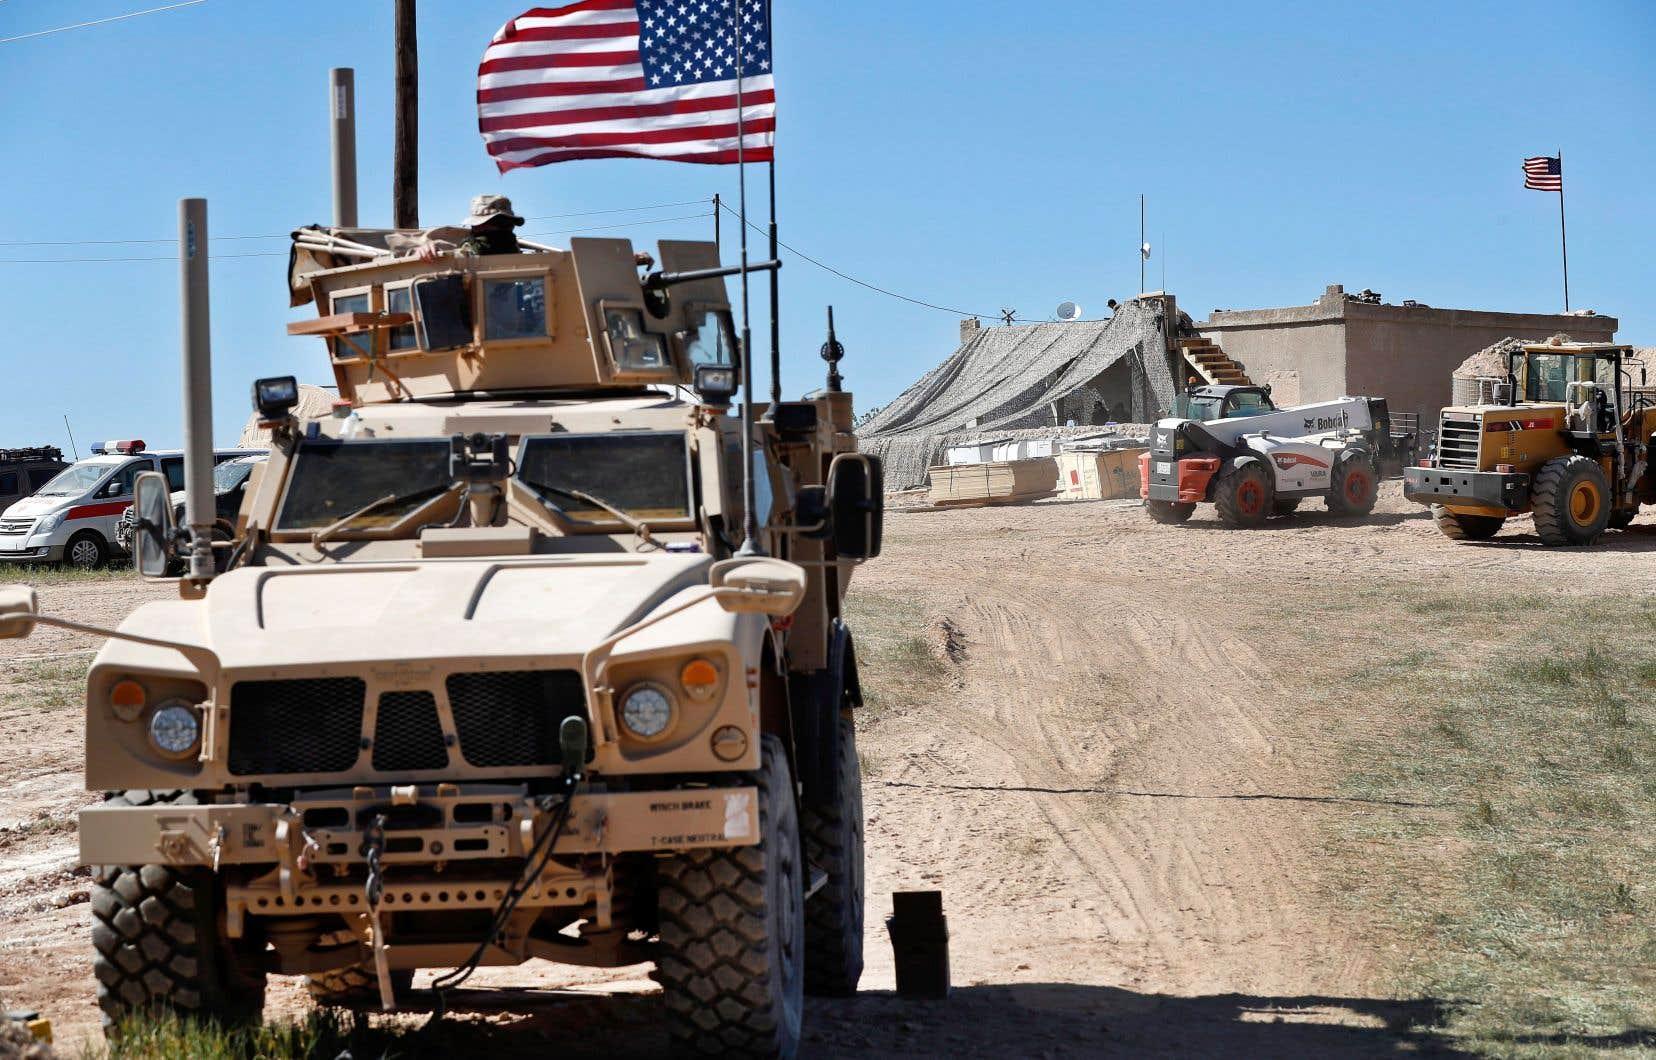 En décembre dernier, le président Donald Trump a soudainement annoncé le retrait des soldats américains de Syrie, affirmant alors que les djihadistes du groupe EI avaient été vaincus.